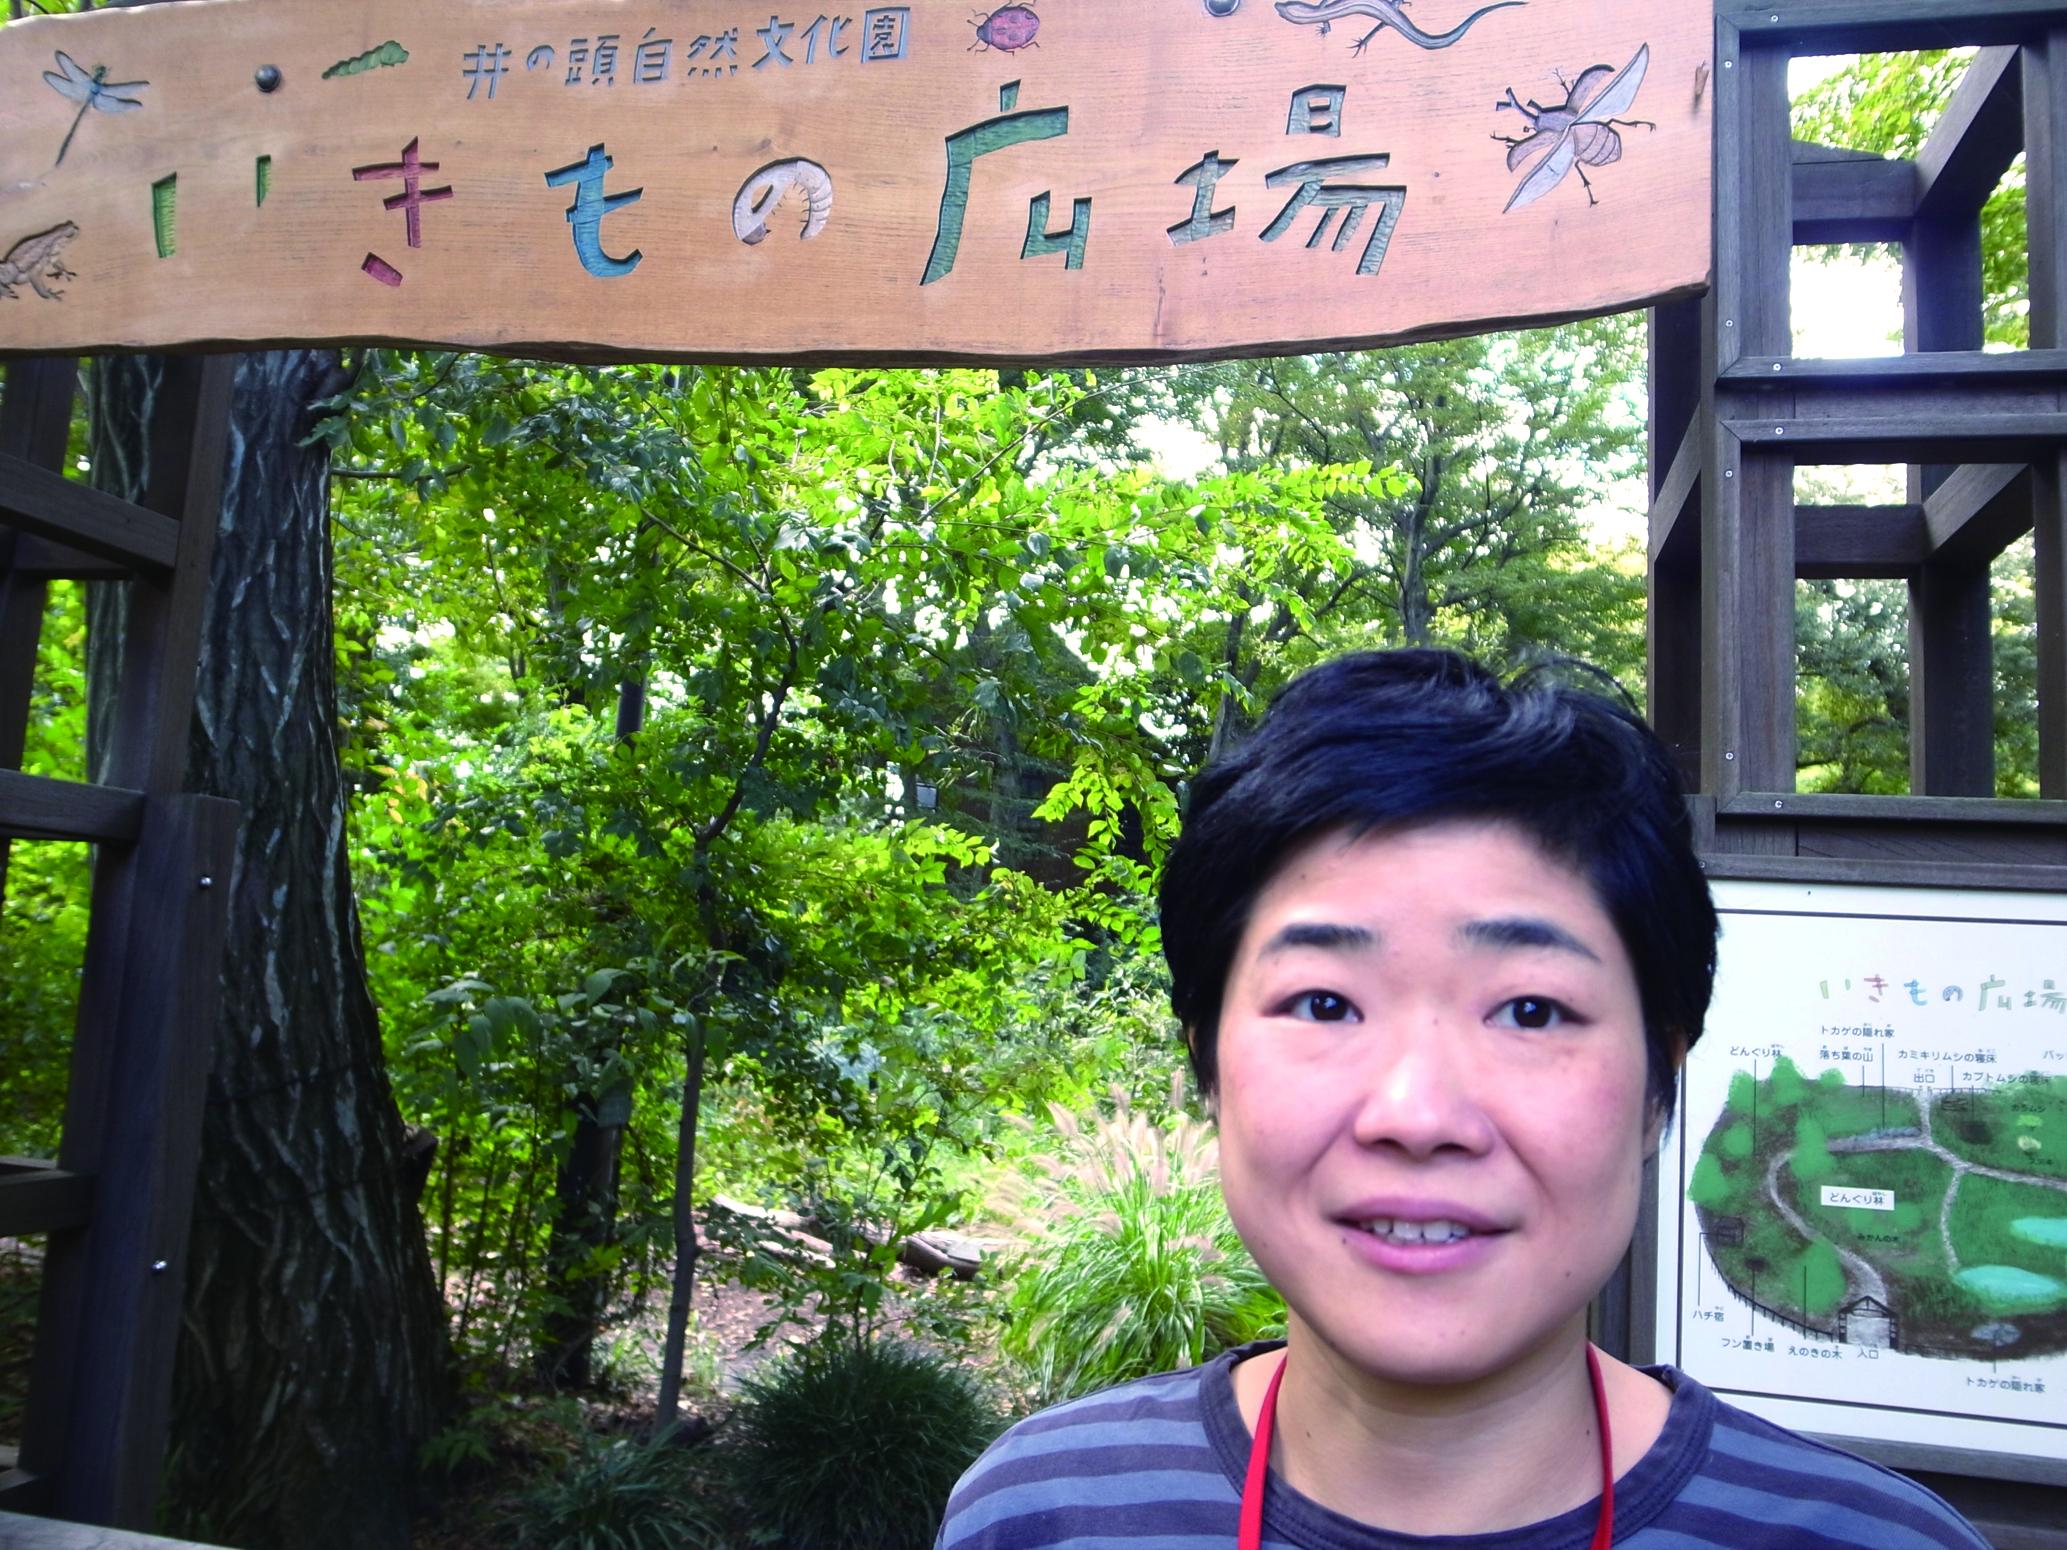 私と井の頭公園 その13 北村直子さん